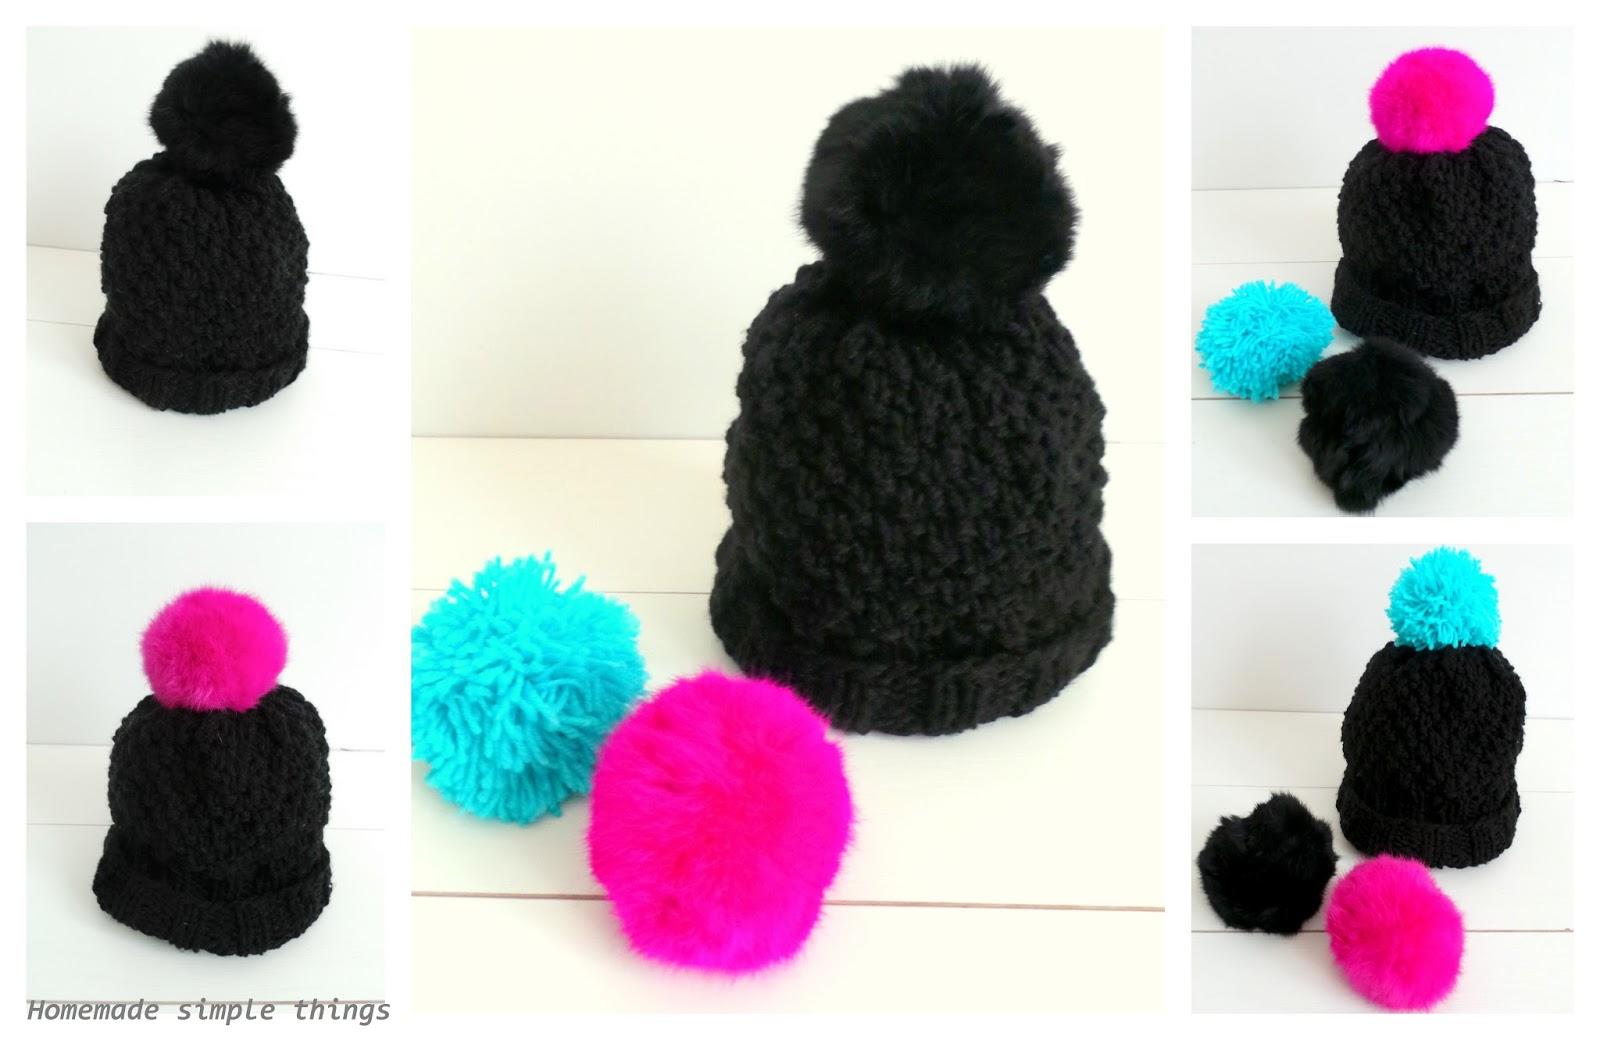 vif et grand en style belle qualité où puis je acheter Homemade simple things: Bonnet en grosse laine Tuto / DIY ...